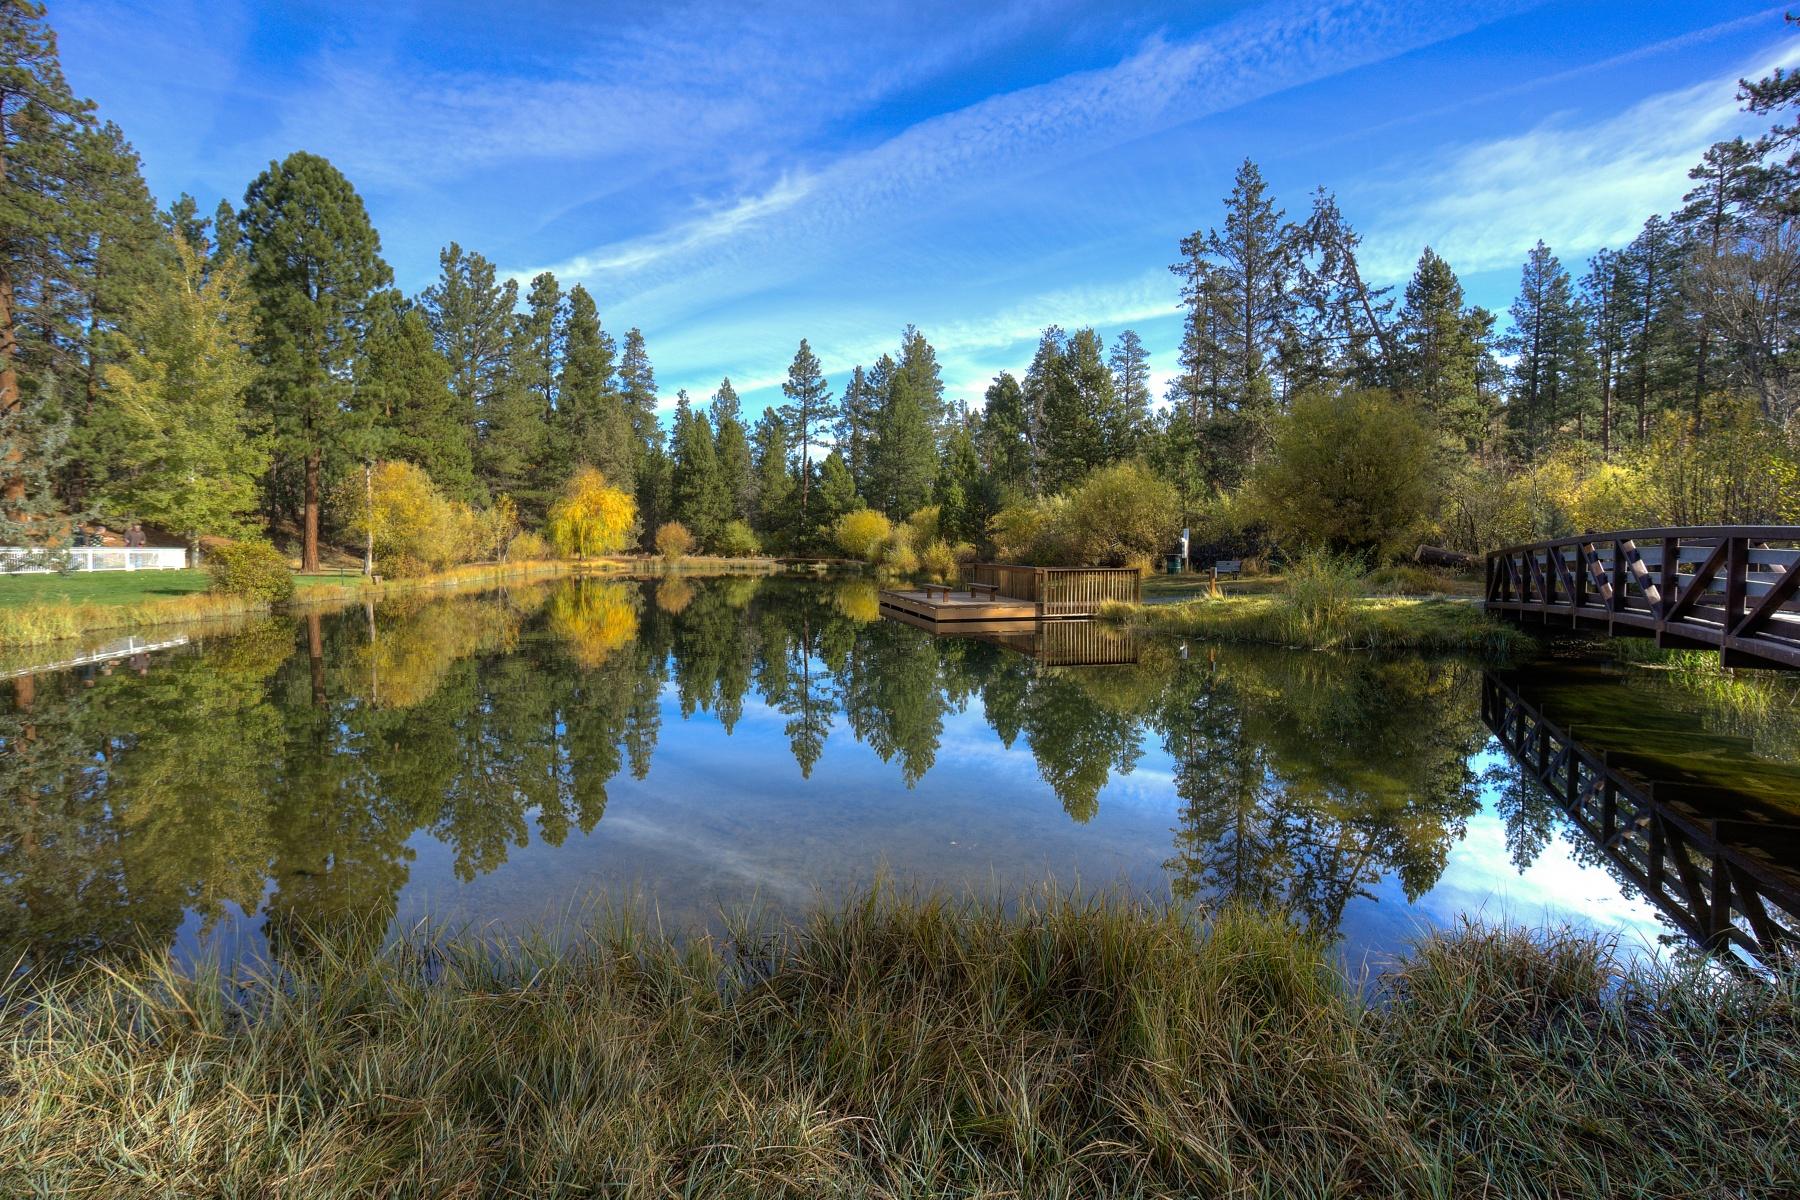 独户住宅 为 销售 在 Three Pines 19069 Mt McLoughlin Ln 本德, 俄勒冈州, 97703 美国